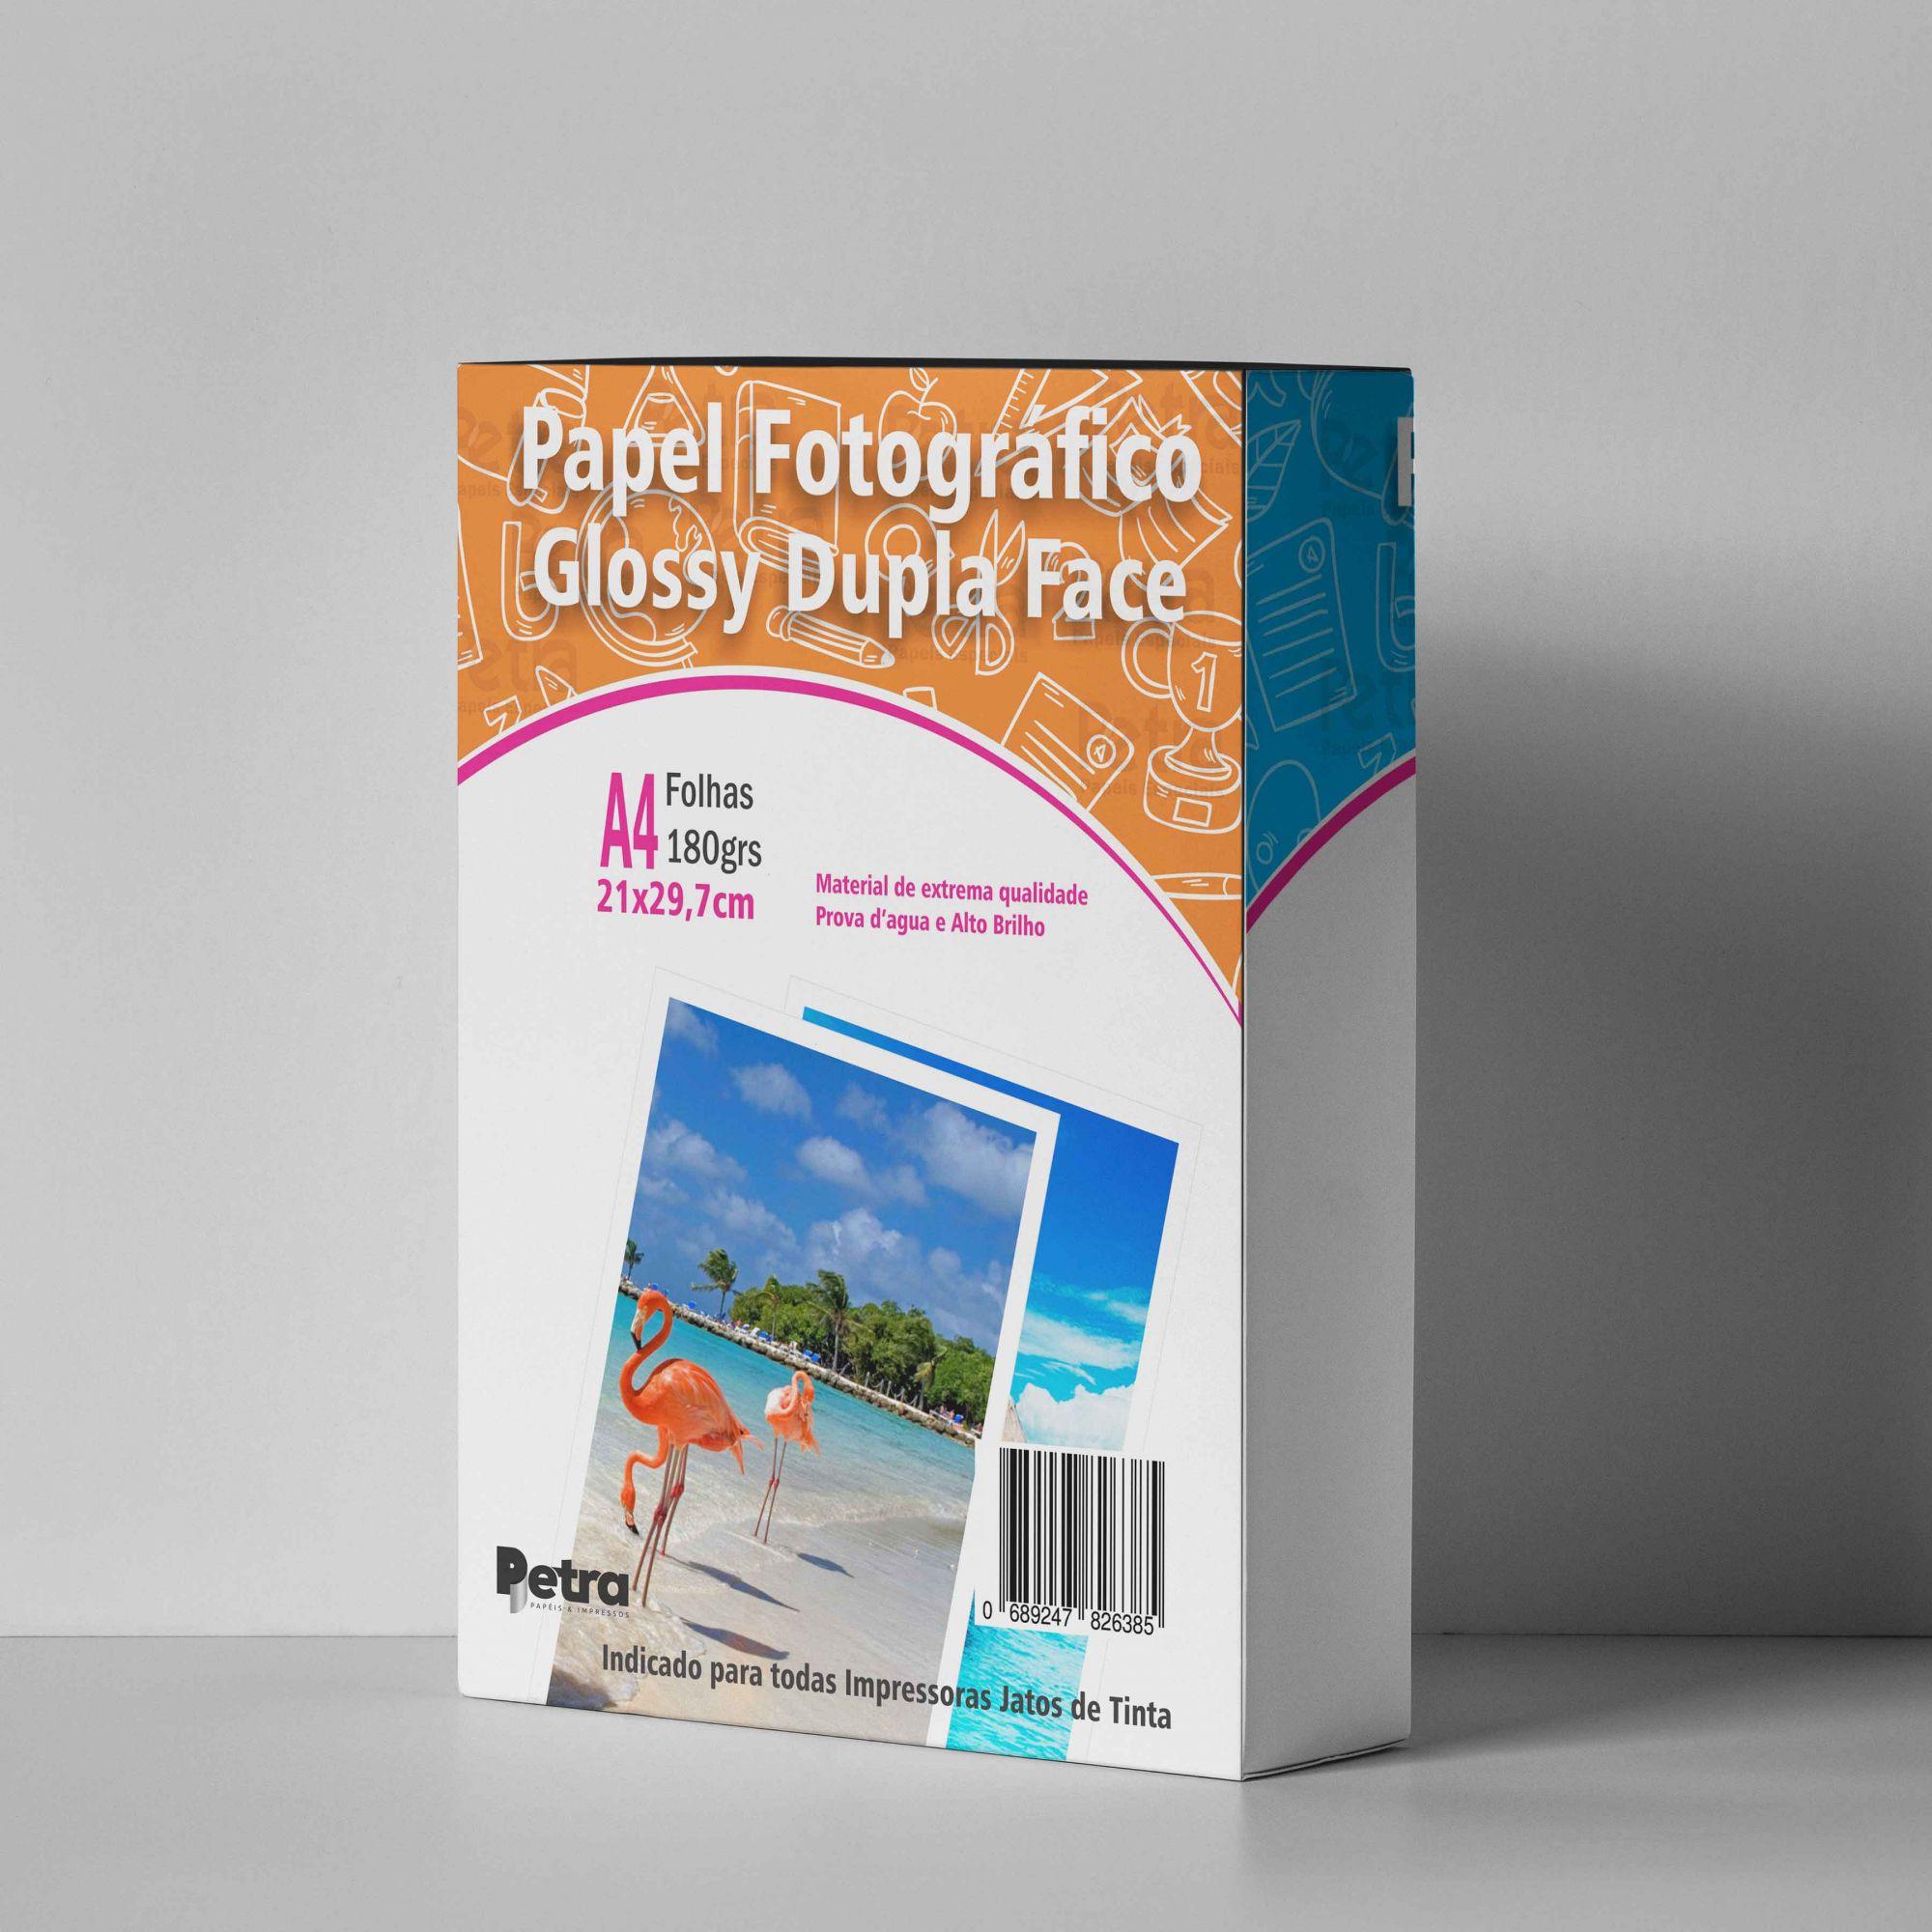 Papel Fotográfico Glossy Dupla Face ‐ A4 ‐ 180g/m² com 20 folhas